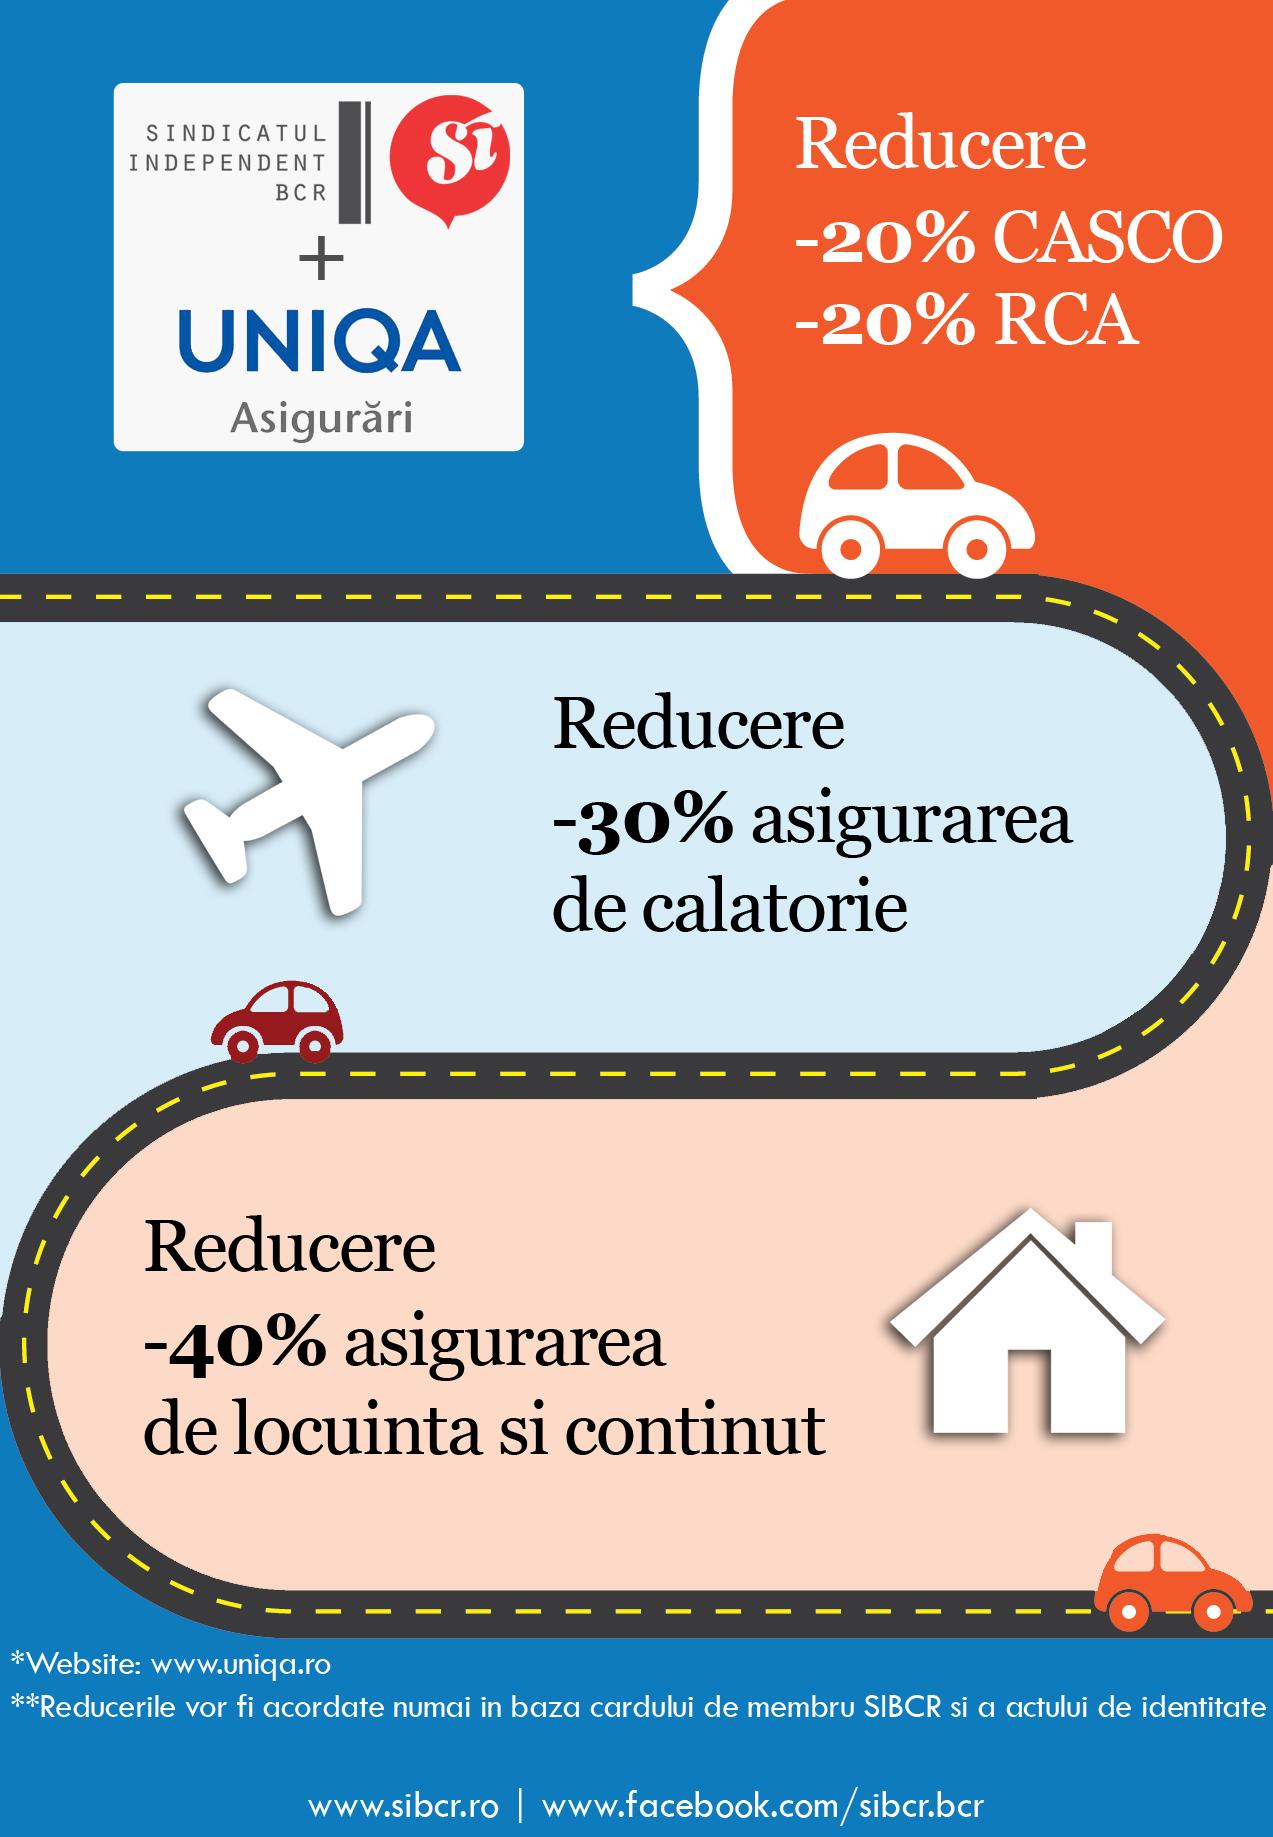 Reduceri asigurari Uniqa